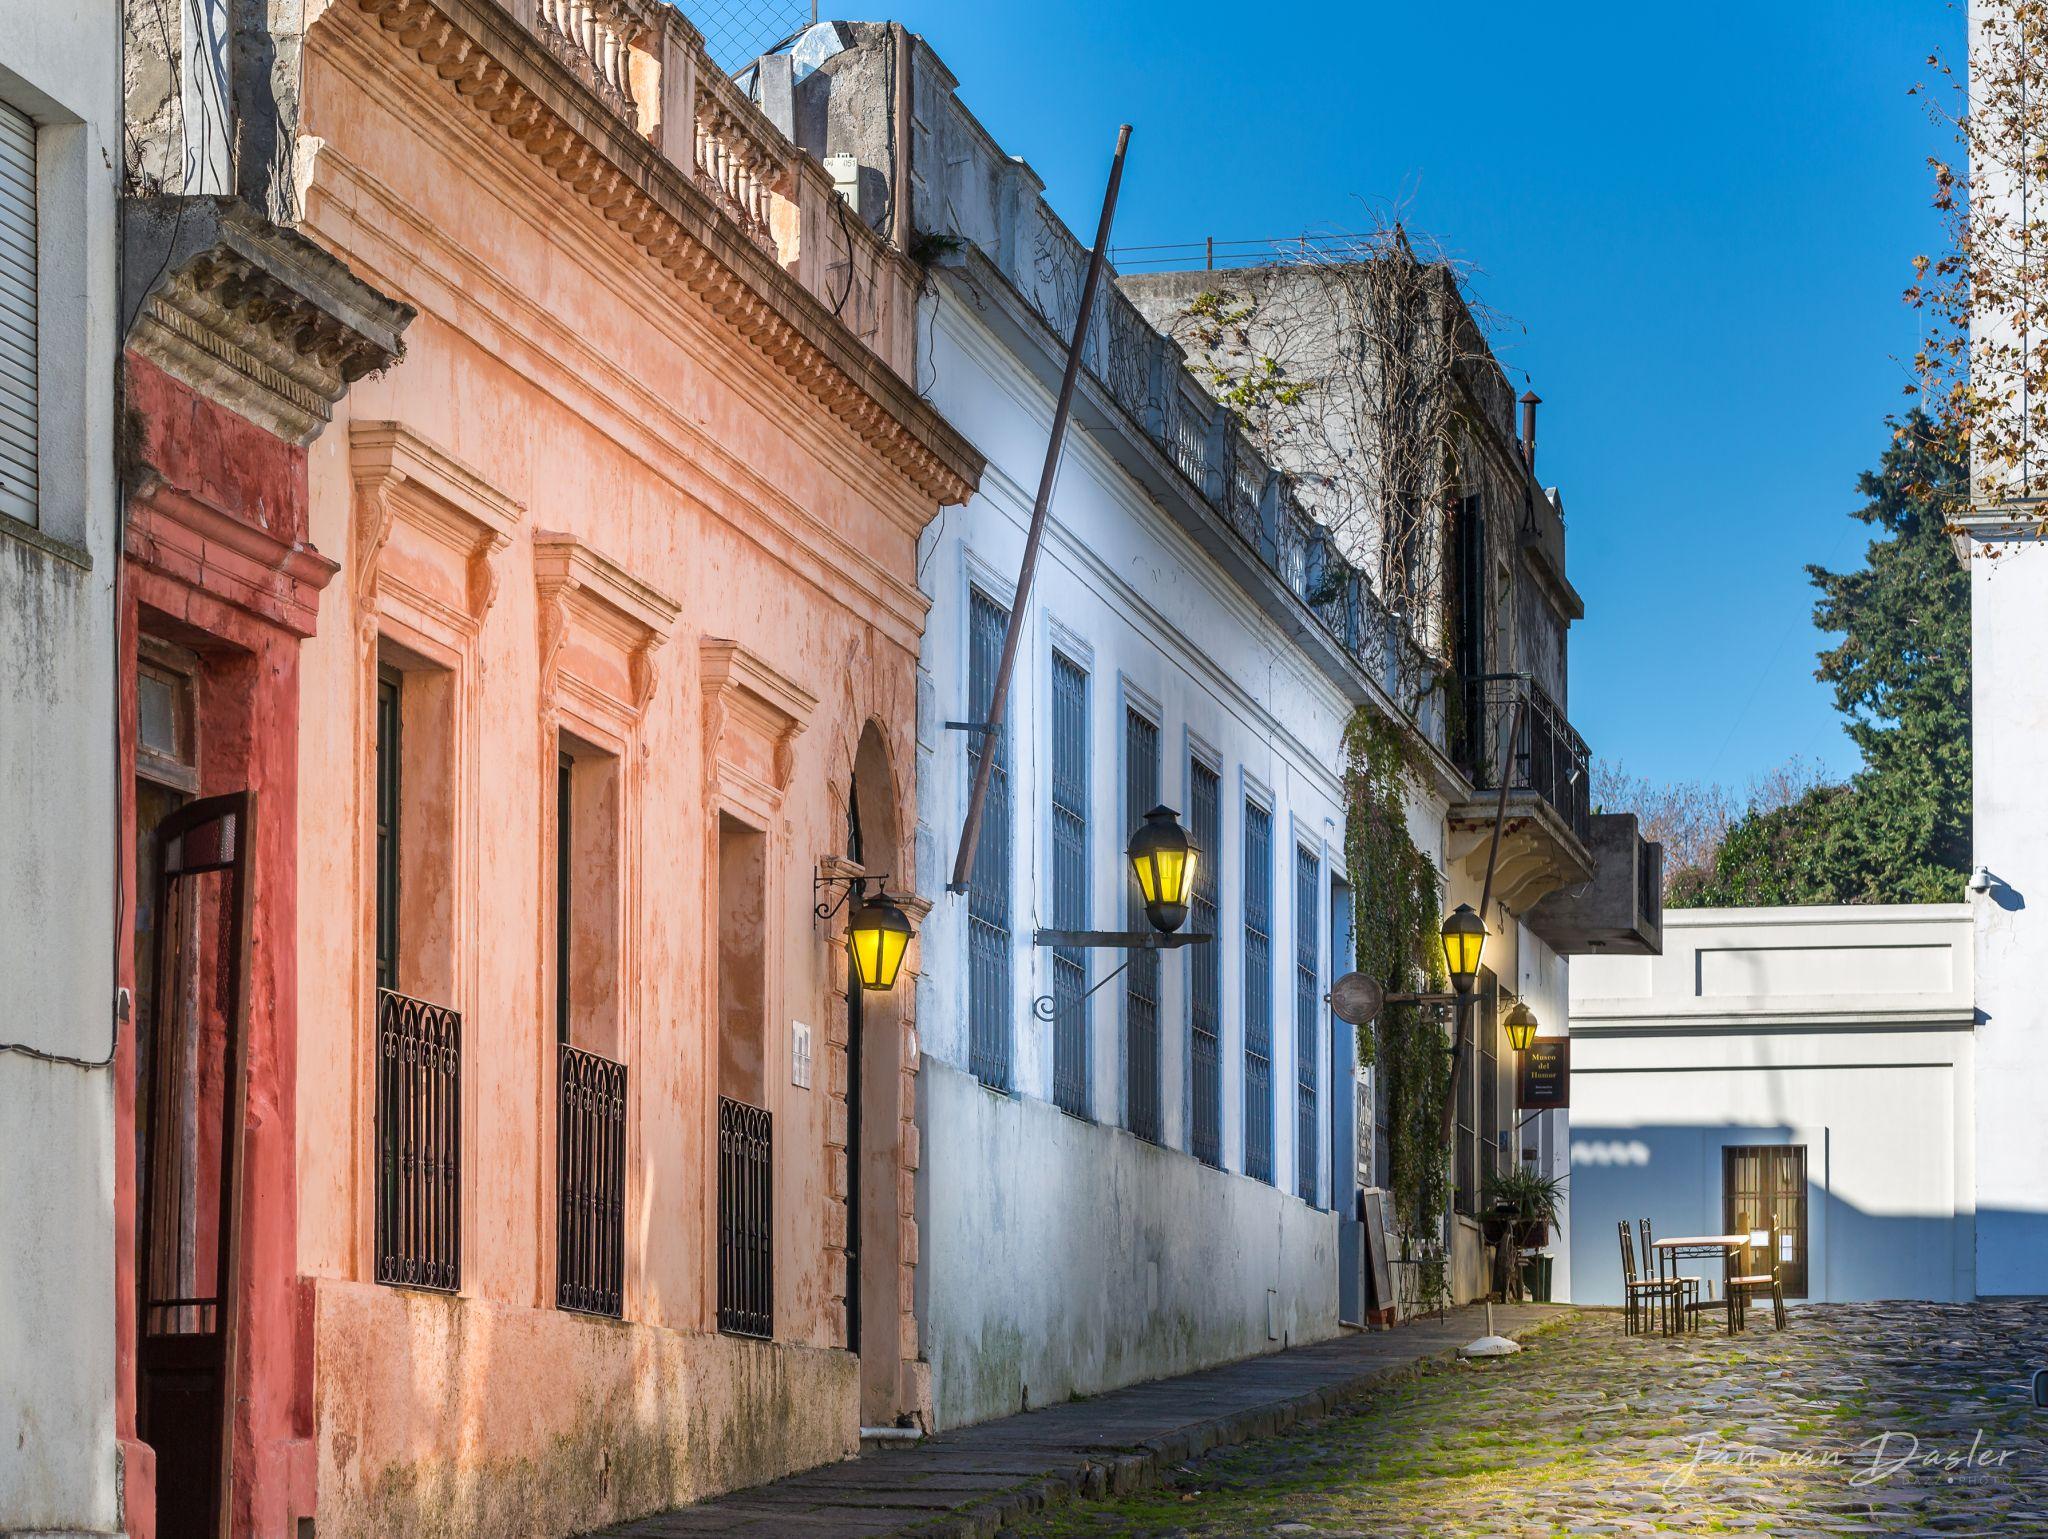 Cobblestone street in Colonia del Sacramento, Uruguay, Eastern Republic of